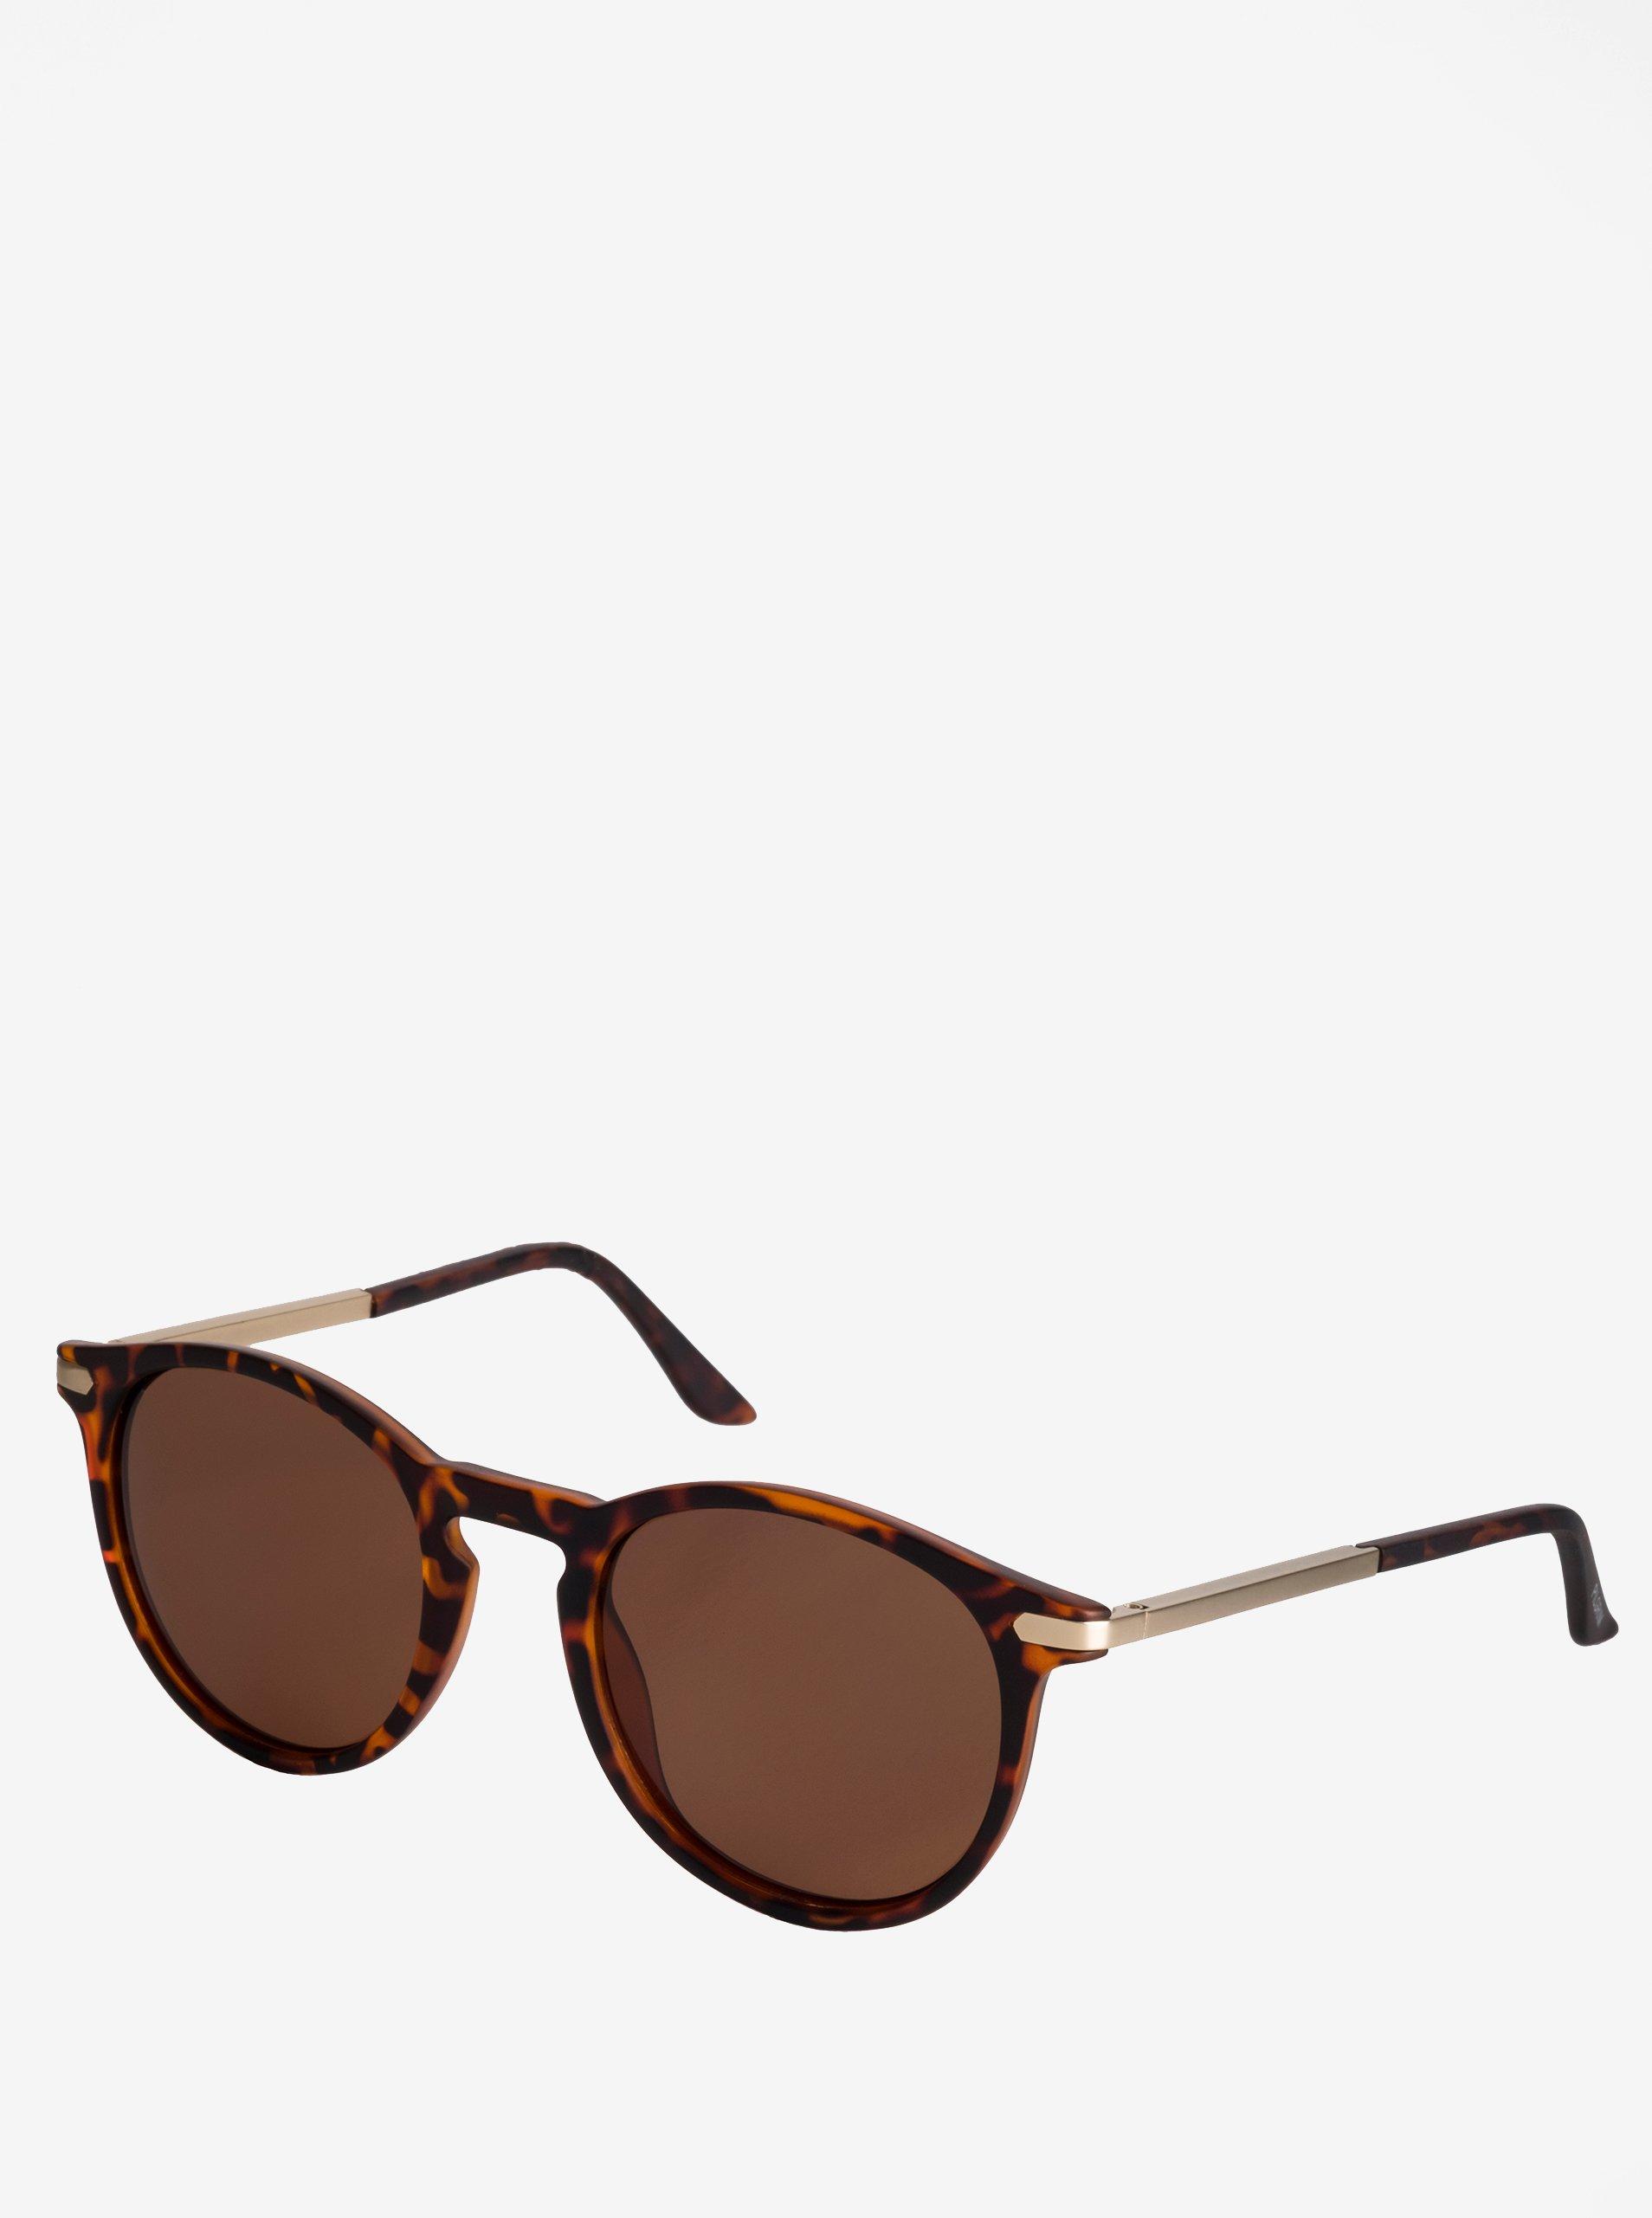 Hnědé dámské vzorované sluneční brýle s pozlacenými detaily Pilgrim Ellie